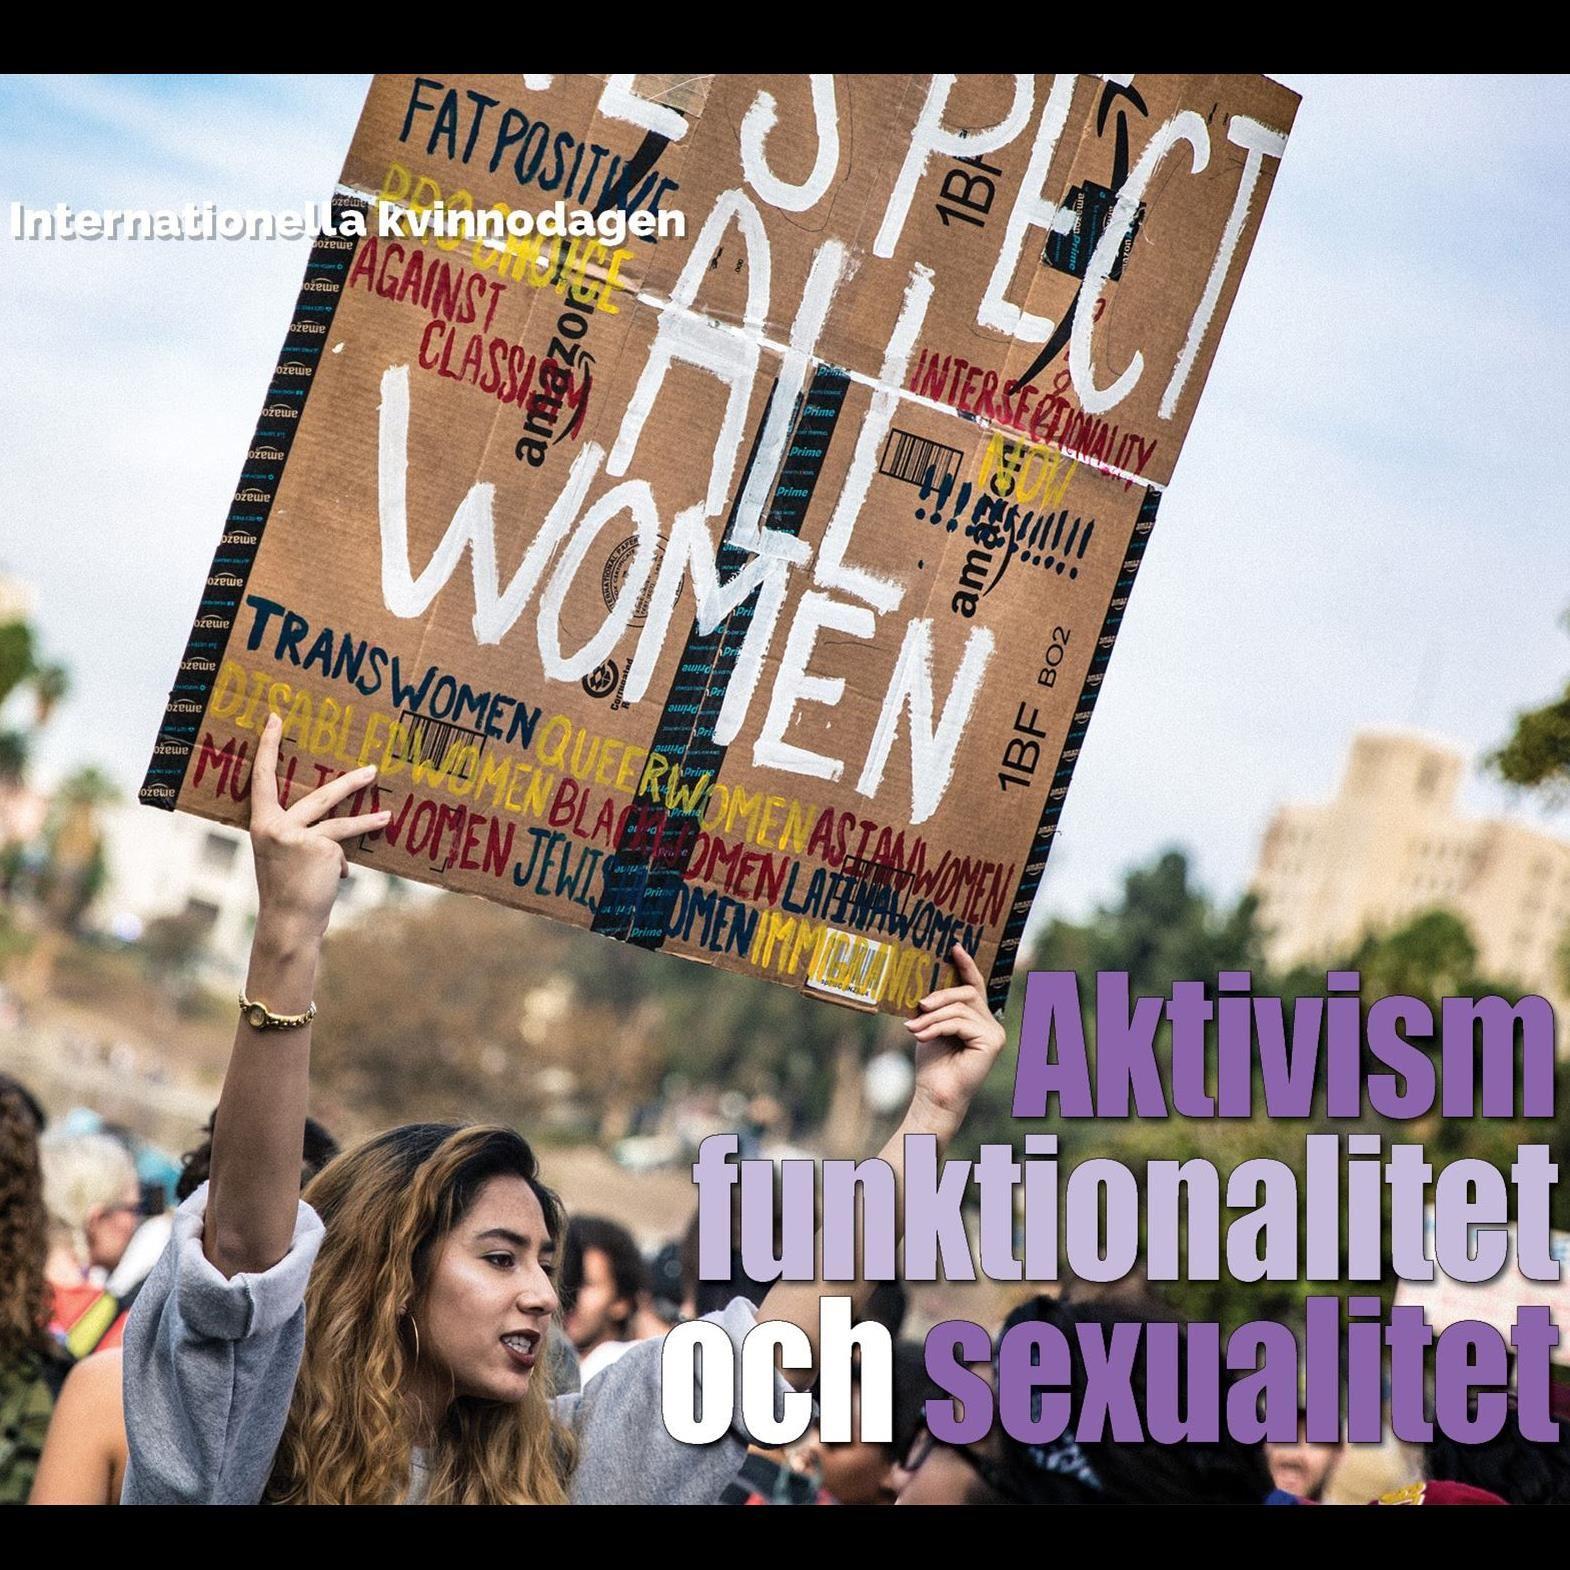 Aktivism funktionalitet och sexualitet